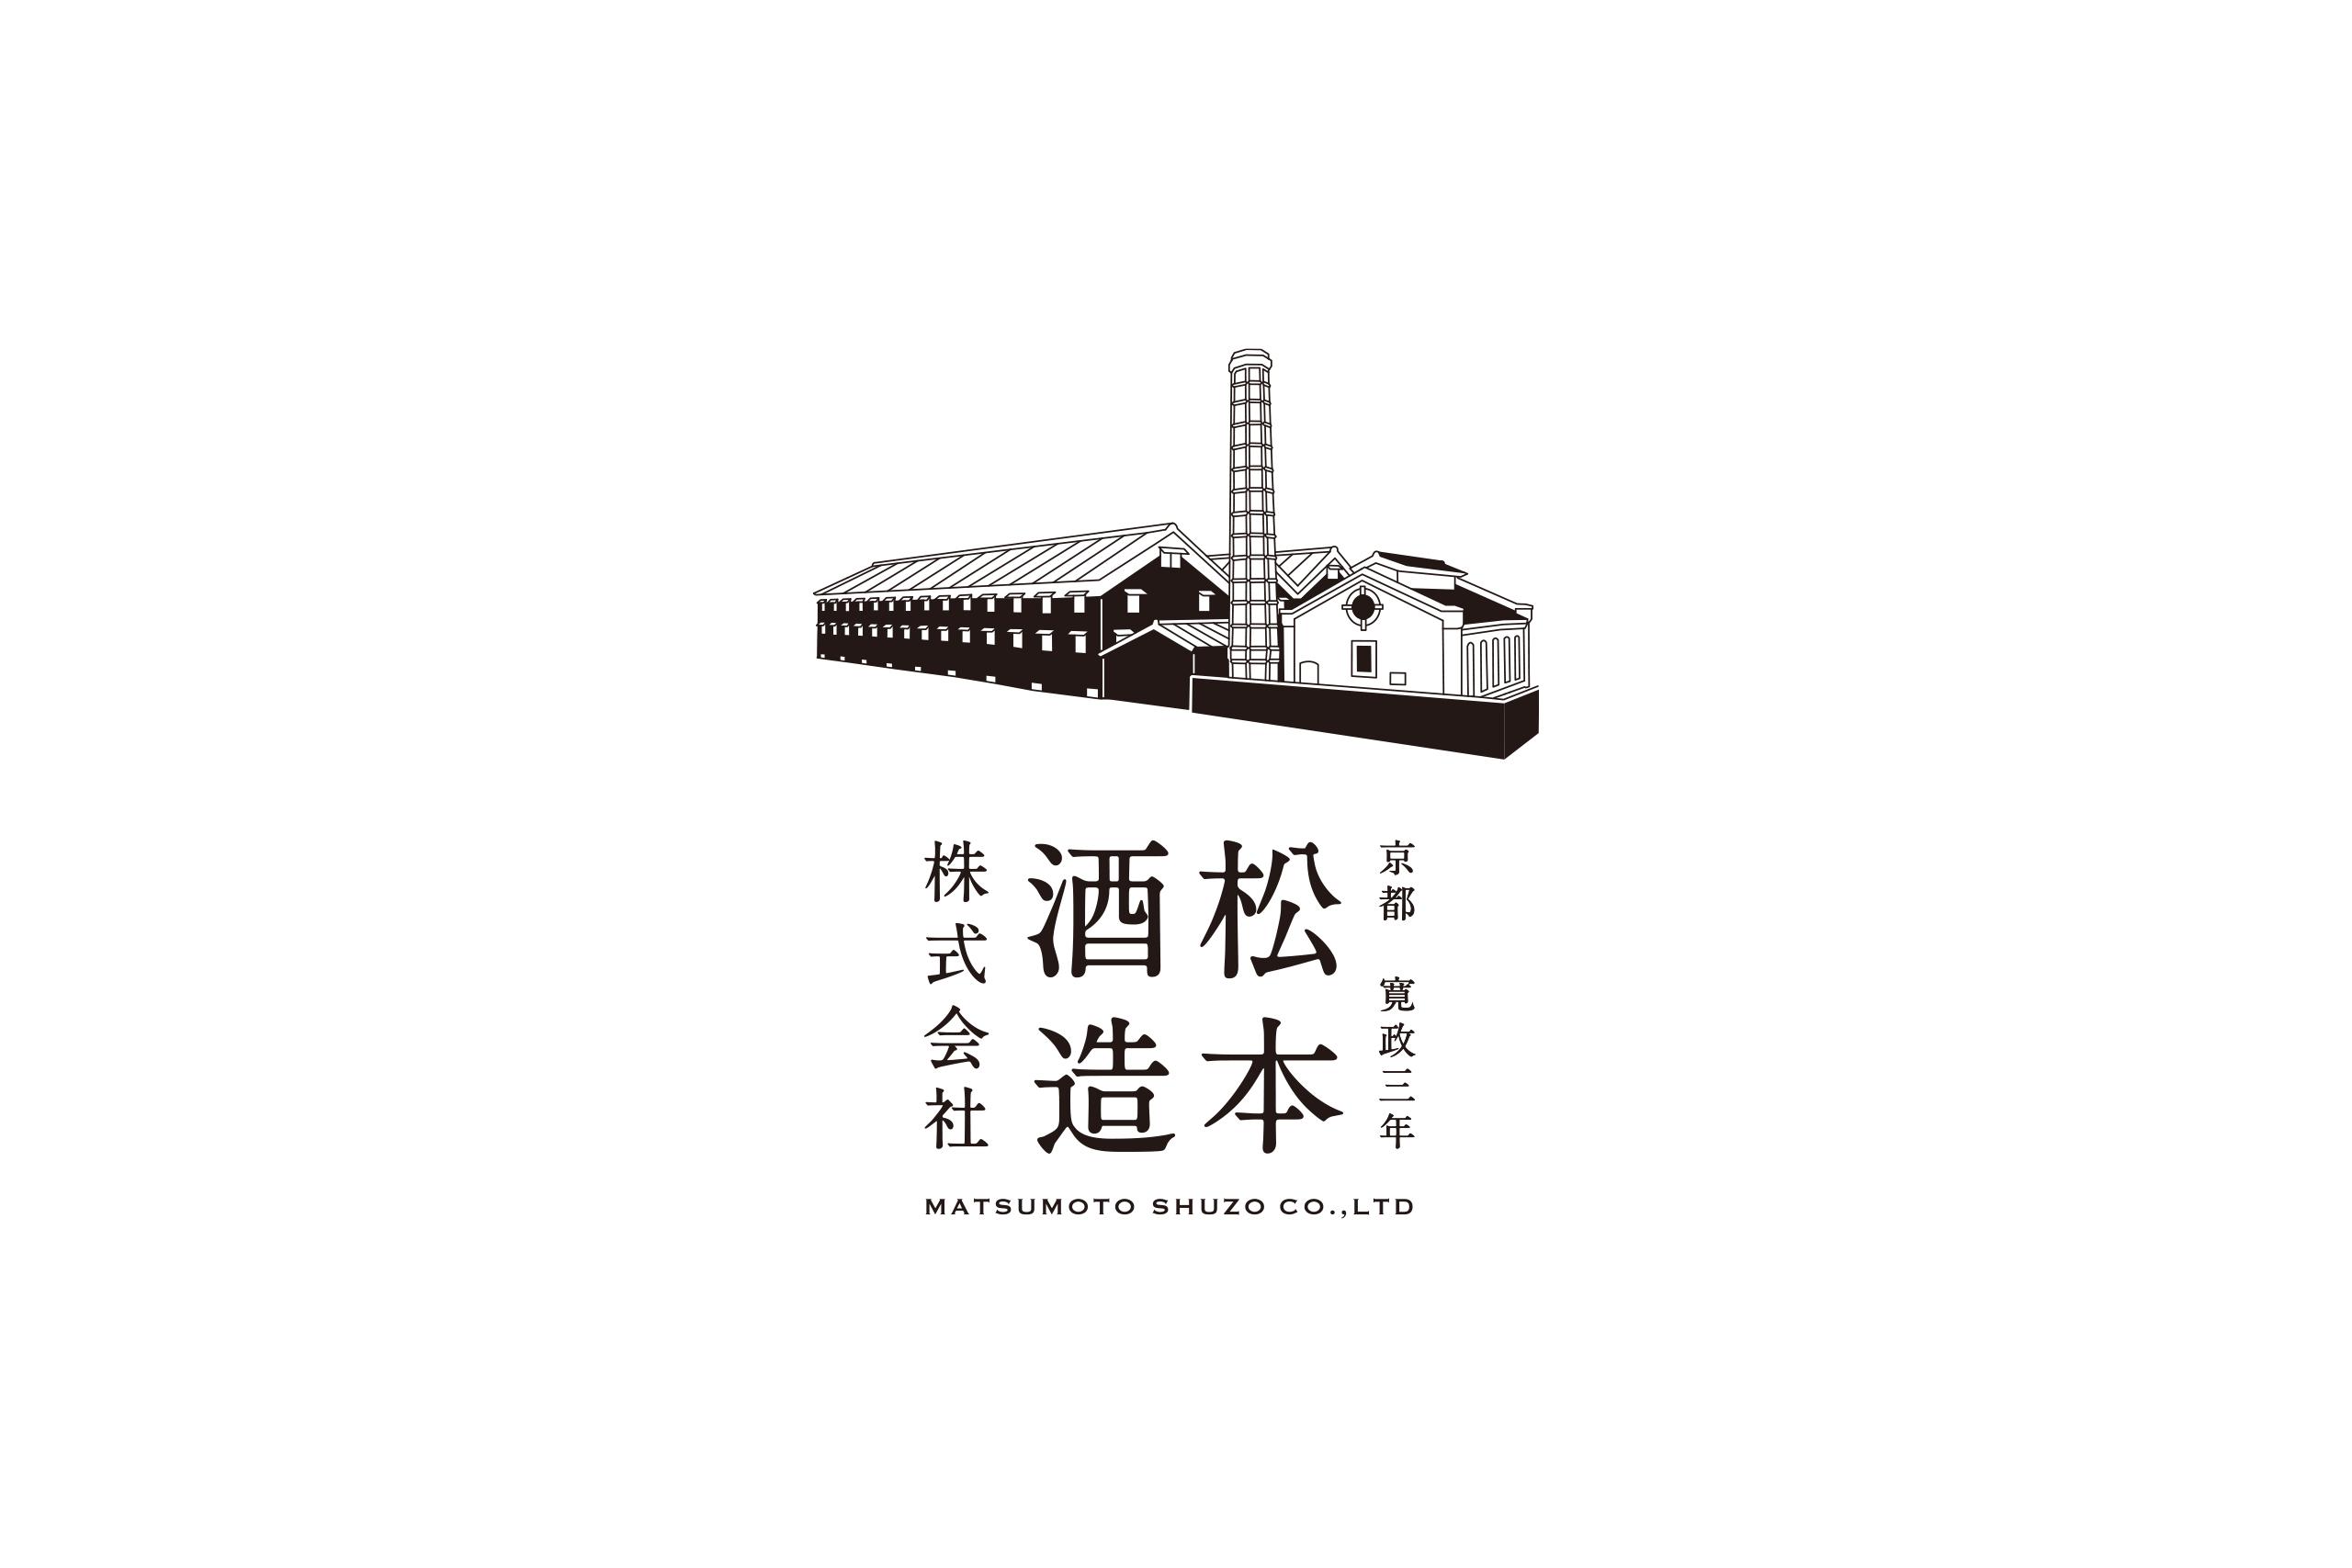 matusmotoshuzo_logo05